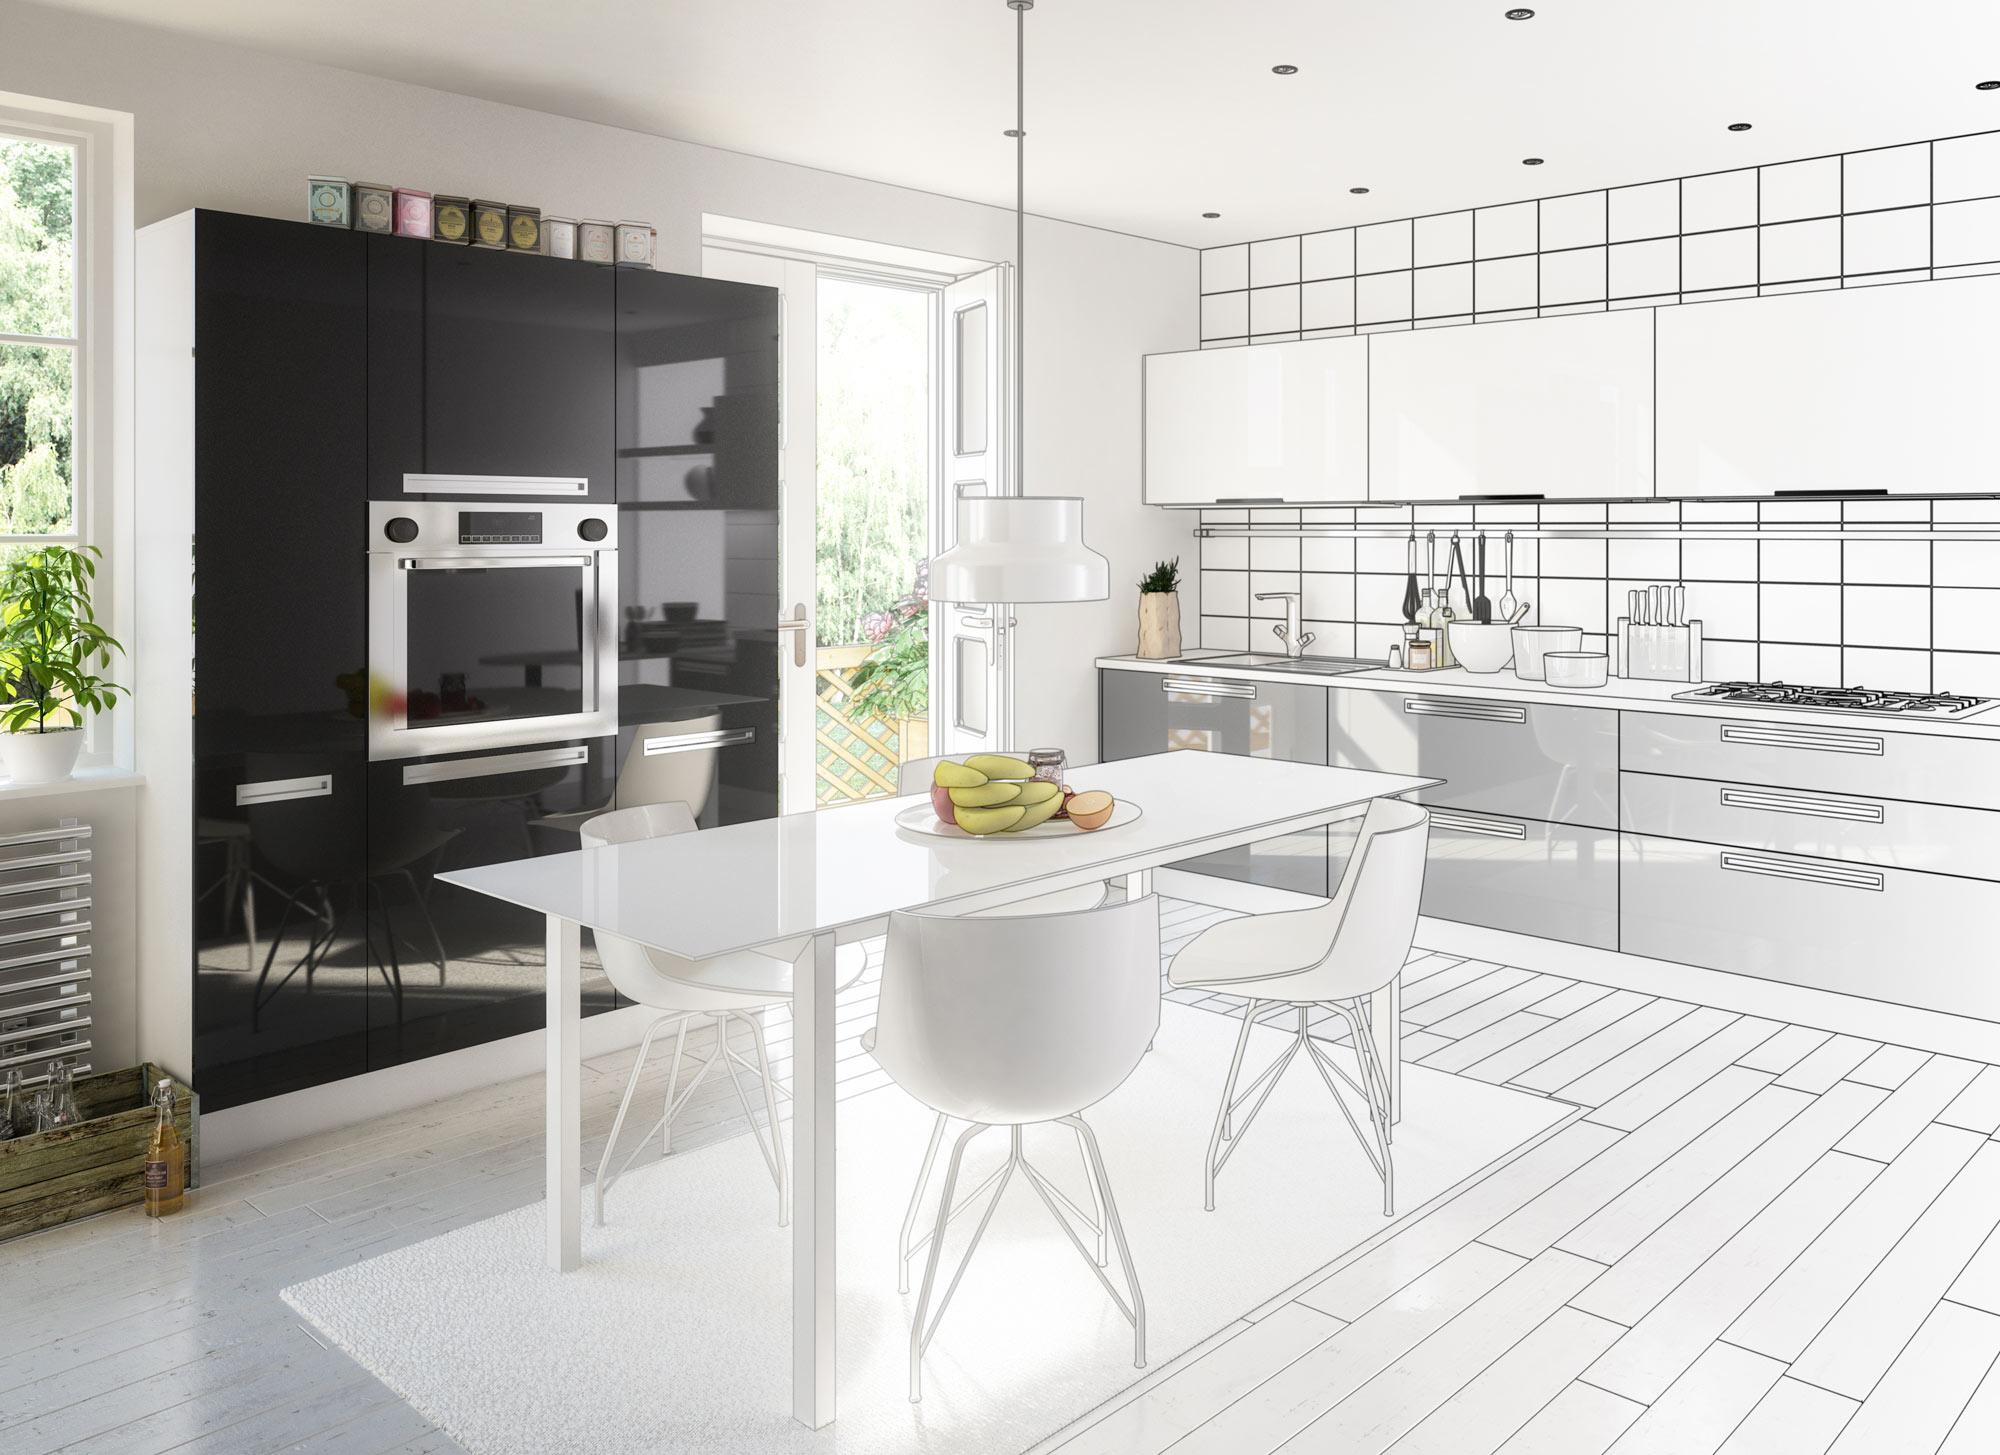 Ergokuchen cocinas de dise o de calidad for Configurador de cocinas